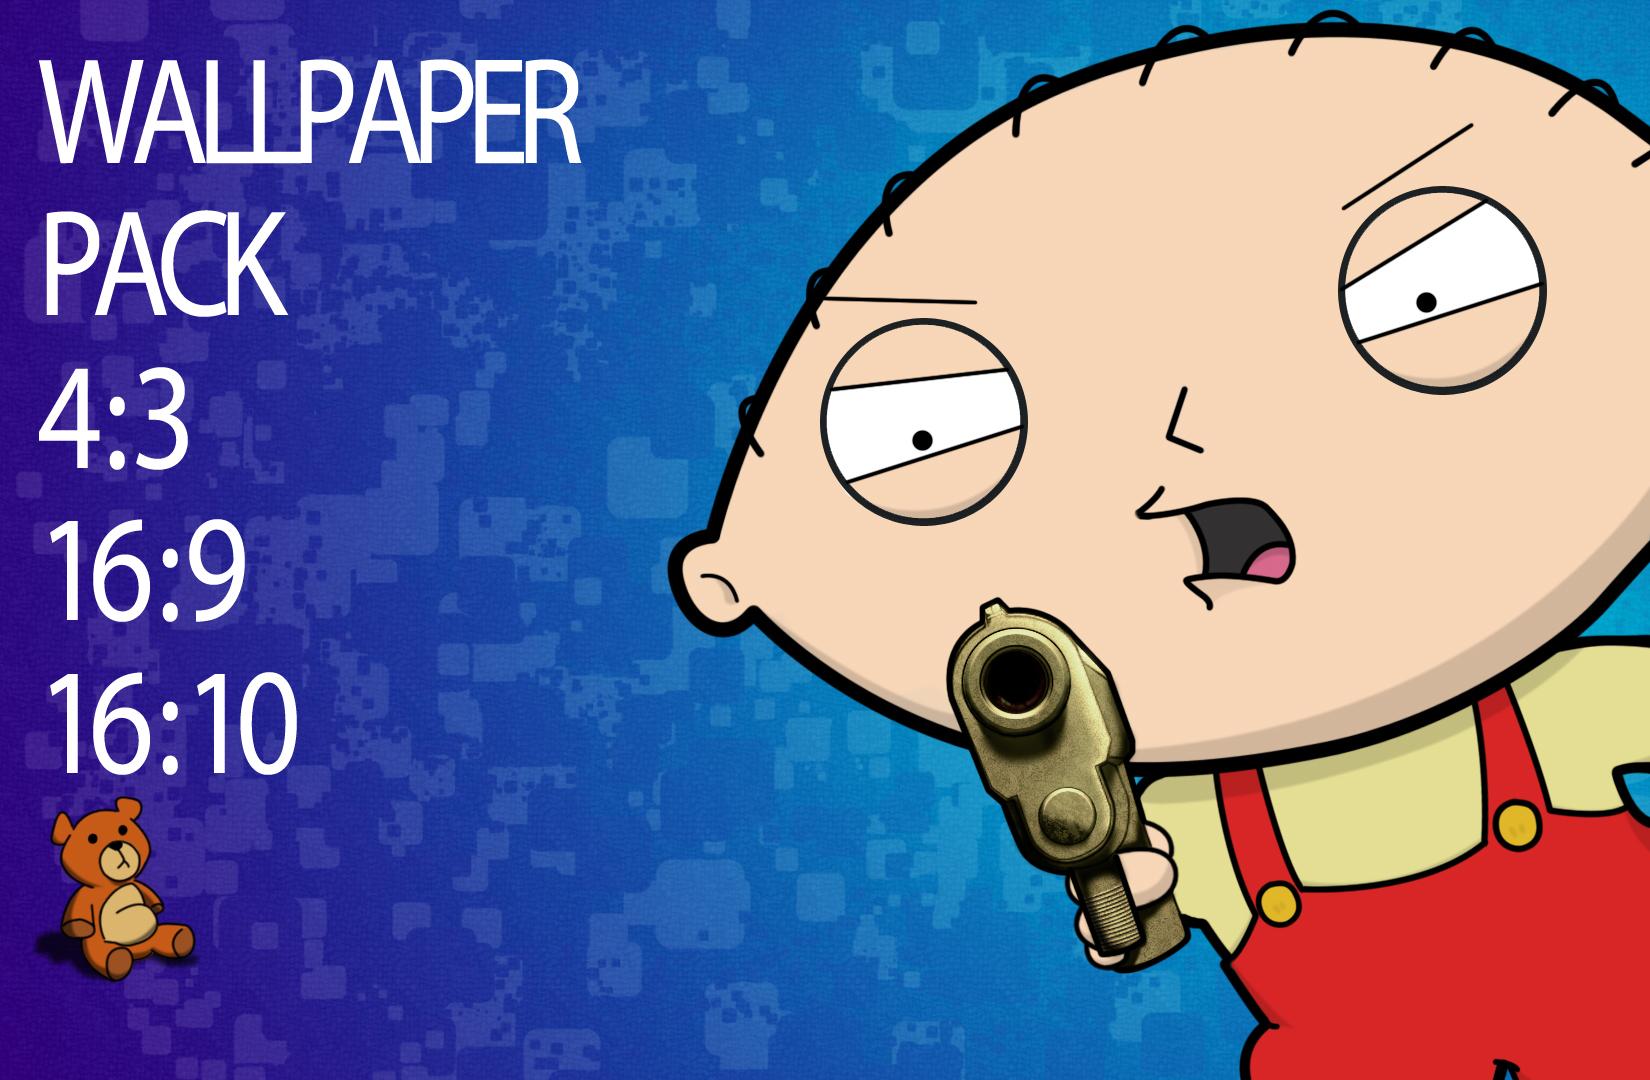 Stewie Griffin Gangster Wallpaper Gangster stewie wallpaper 1650x1080